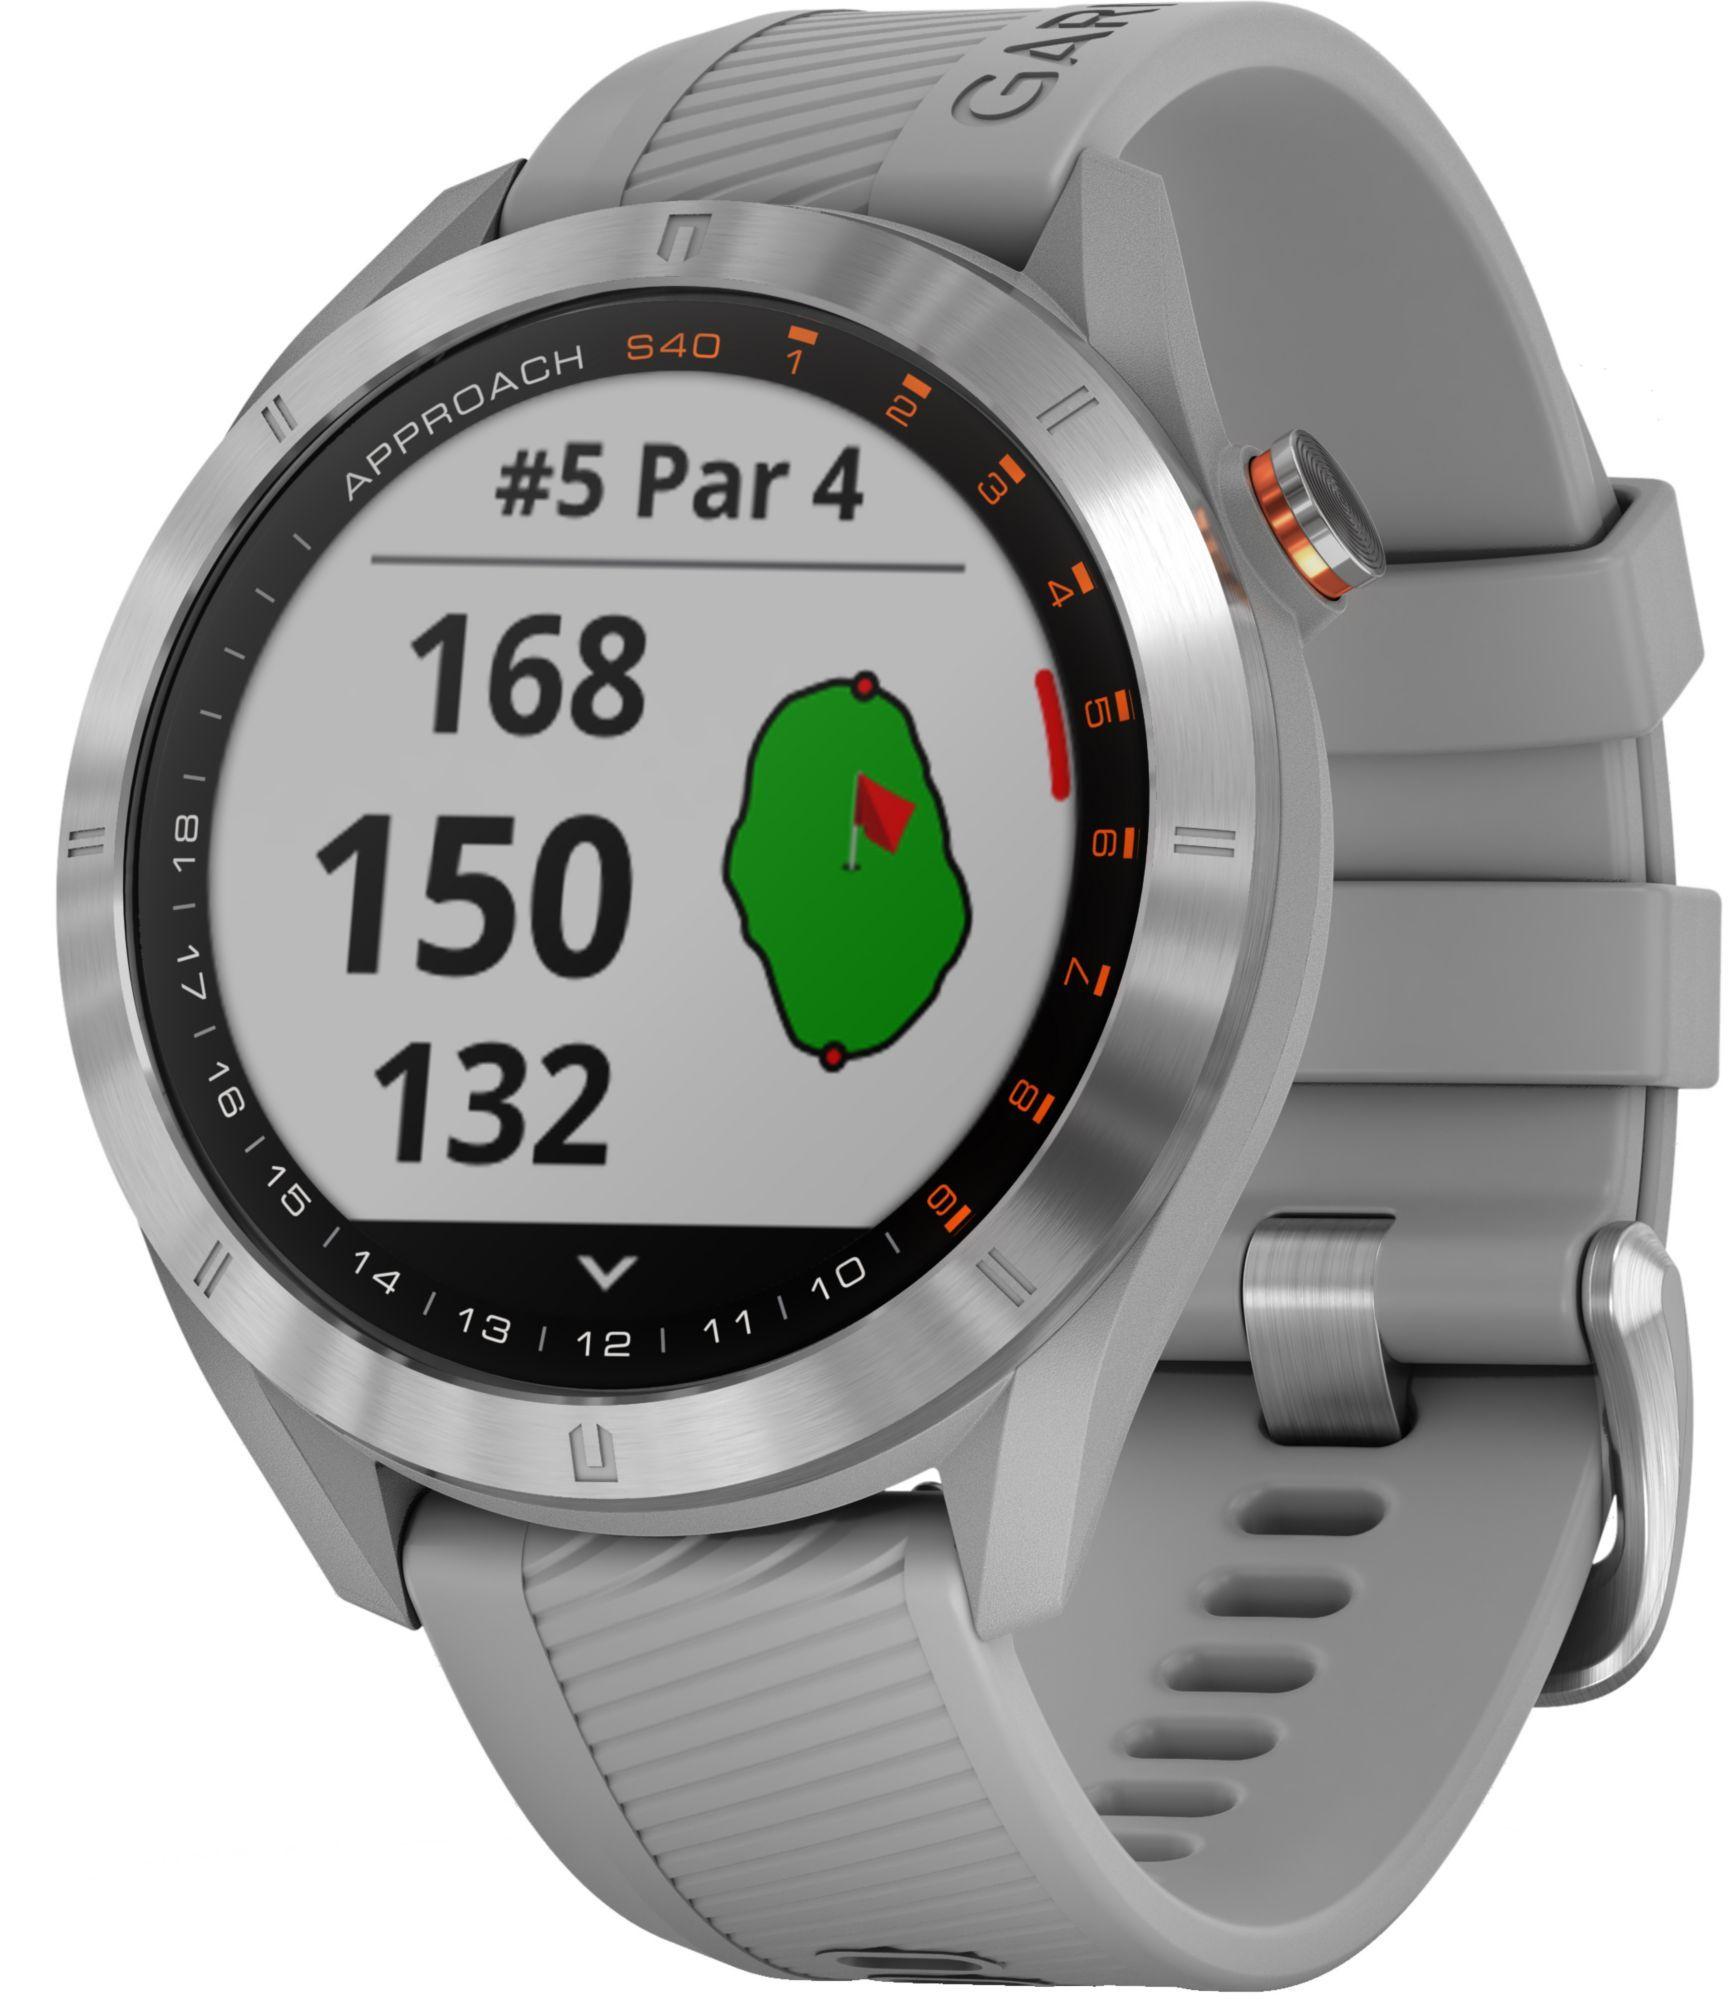 Garmin Approach S40 Golf GPS Watch Golf gps watch